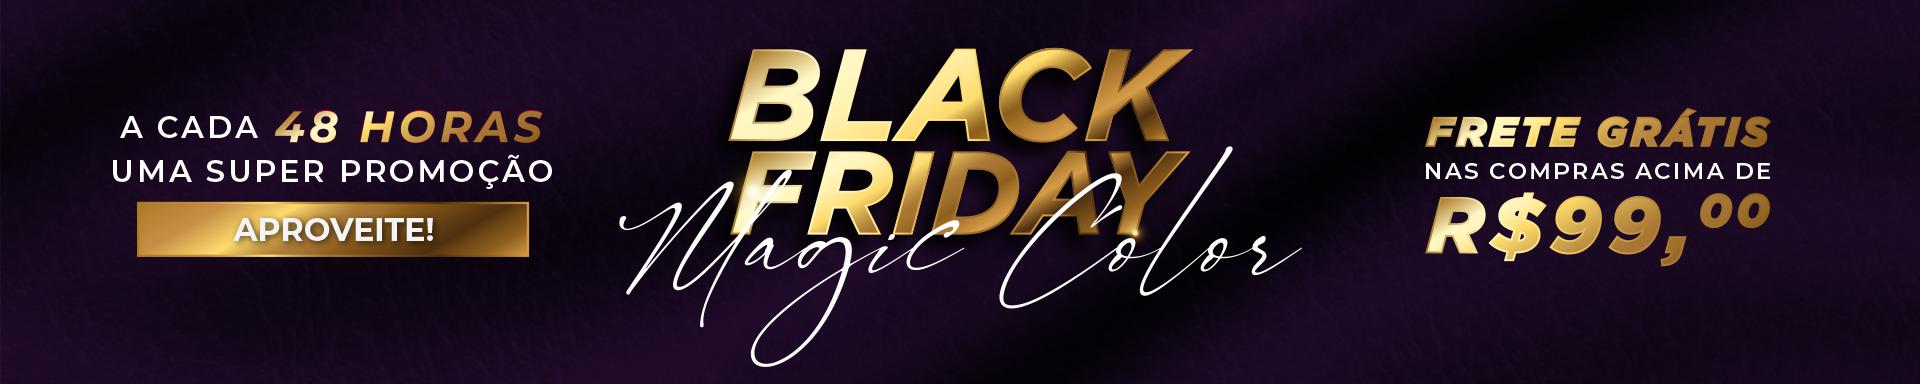 Banner- Black Friday Fixo